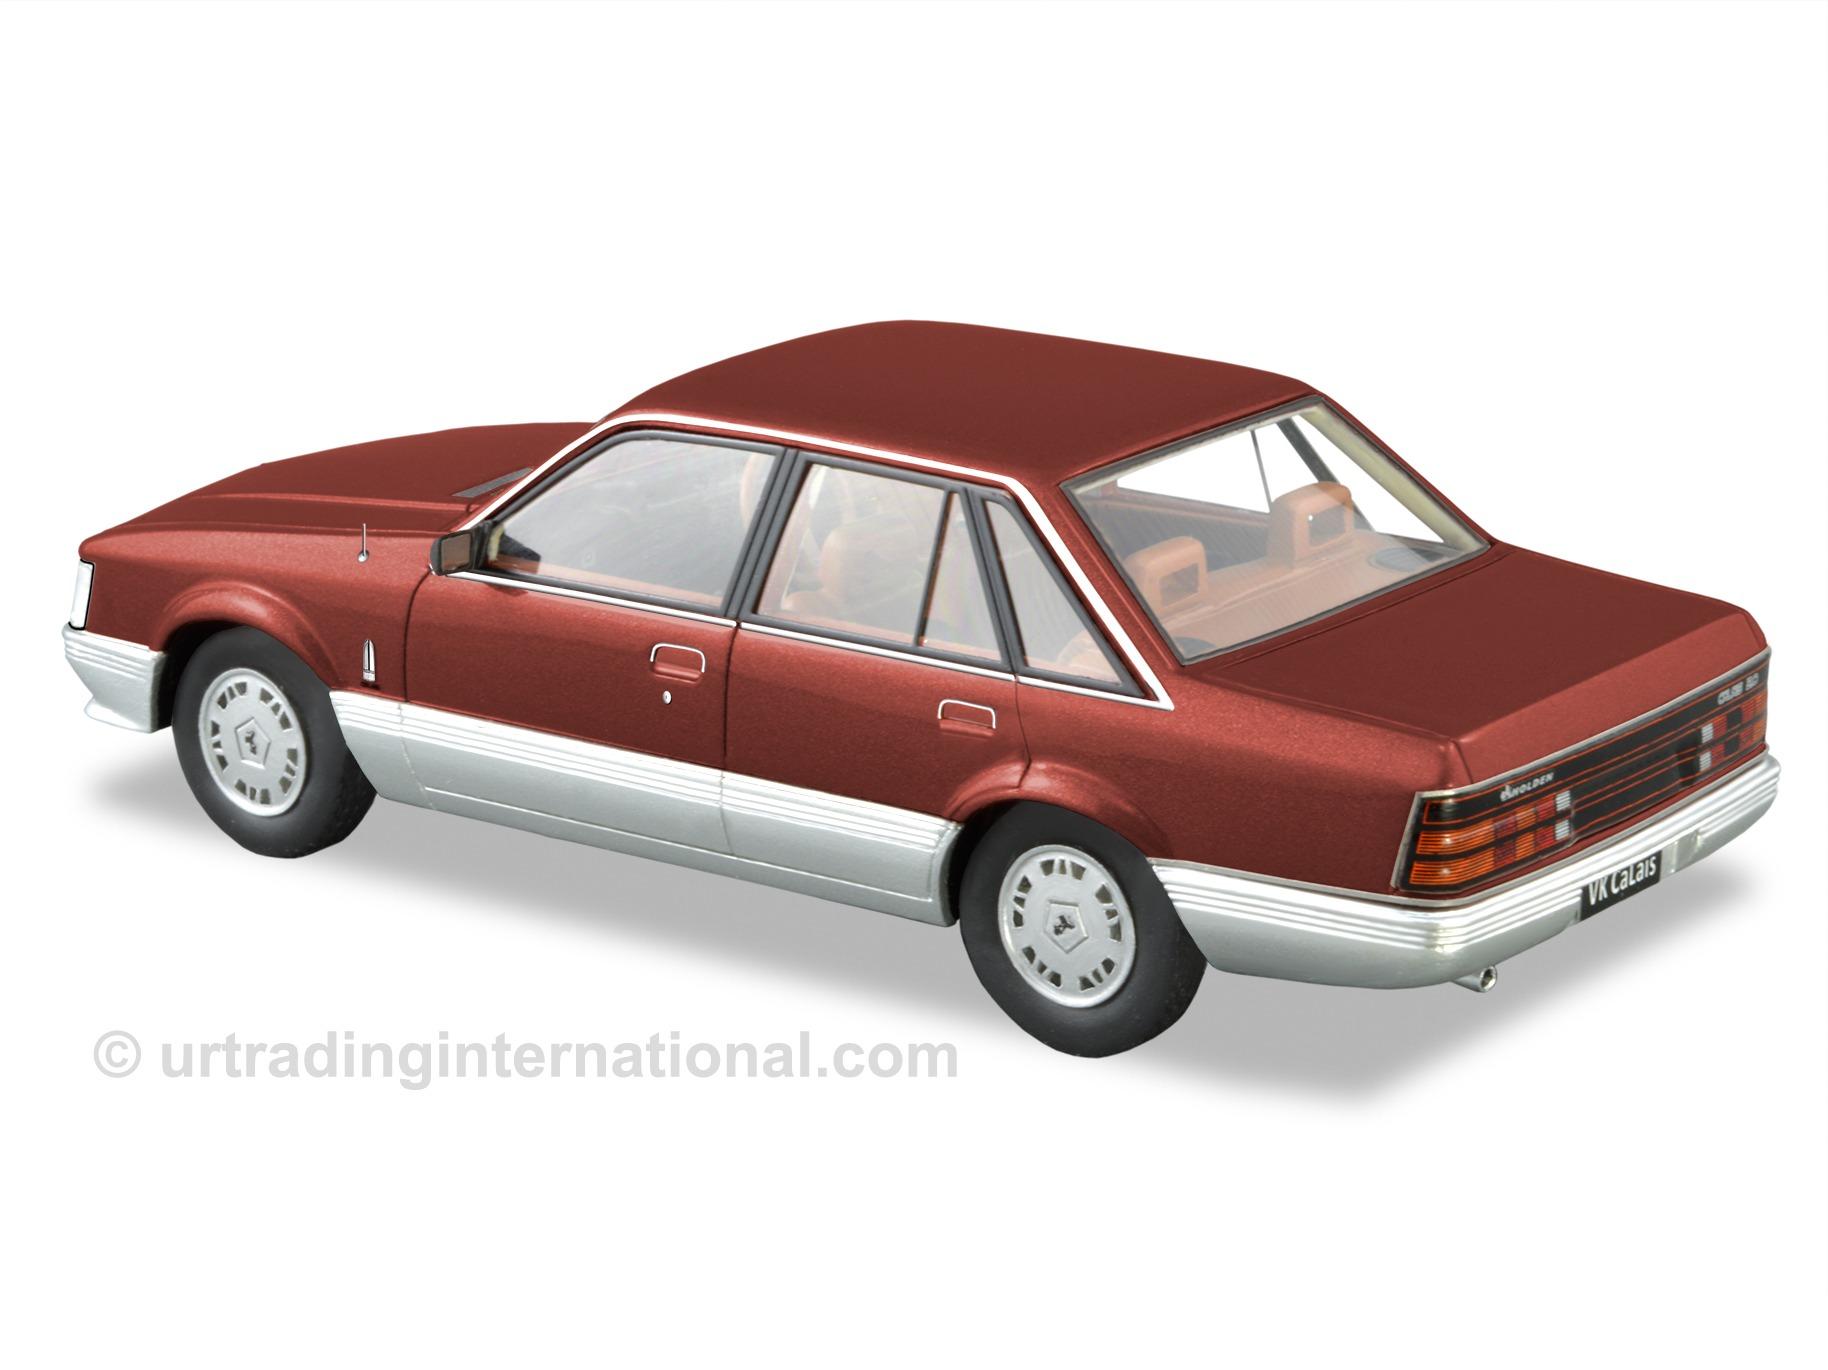 1984-86 VK Calais 5.0 Ltr V8 – Copper Metallic